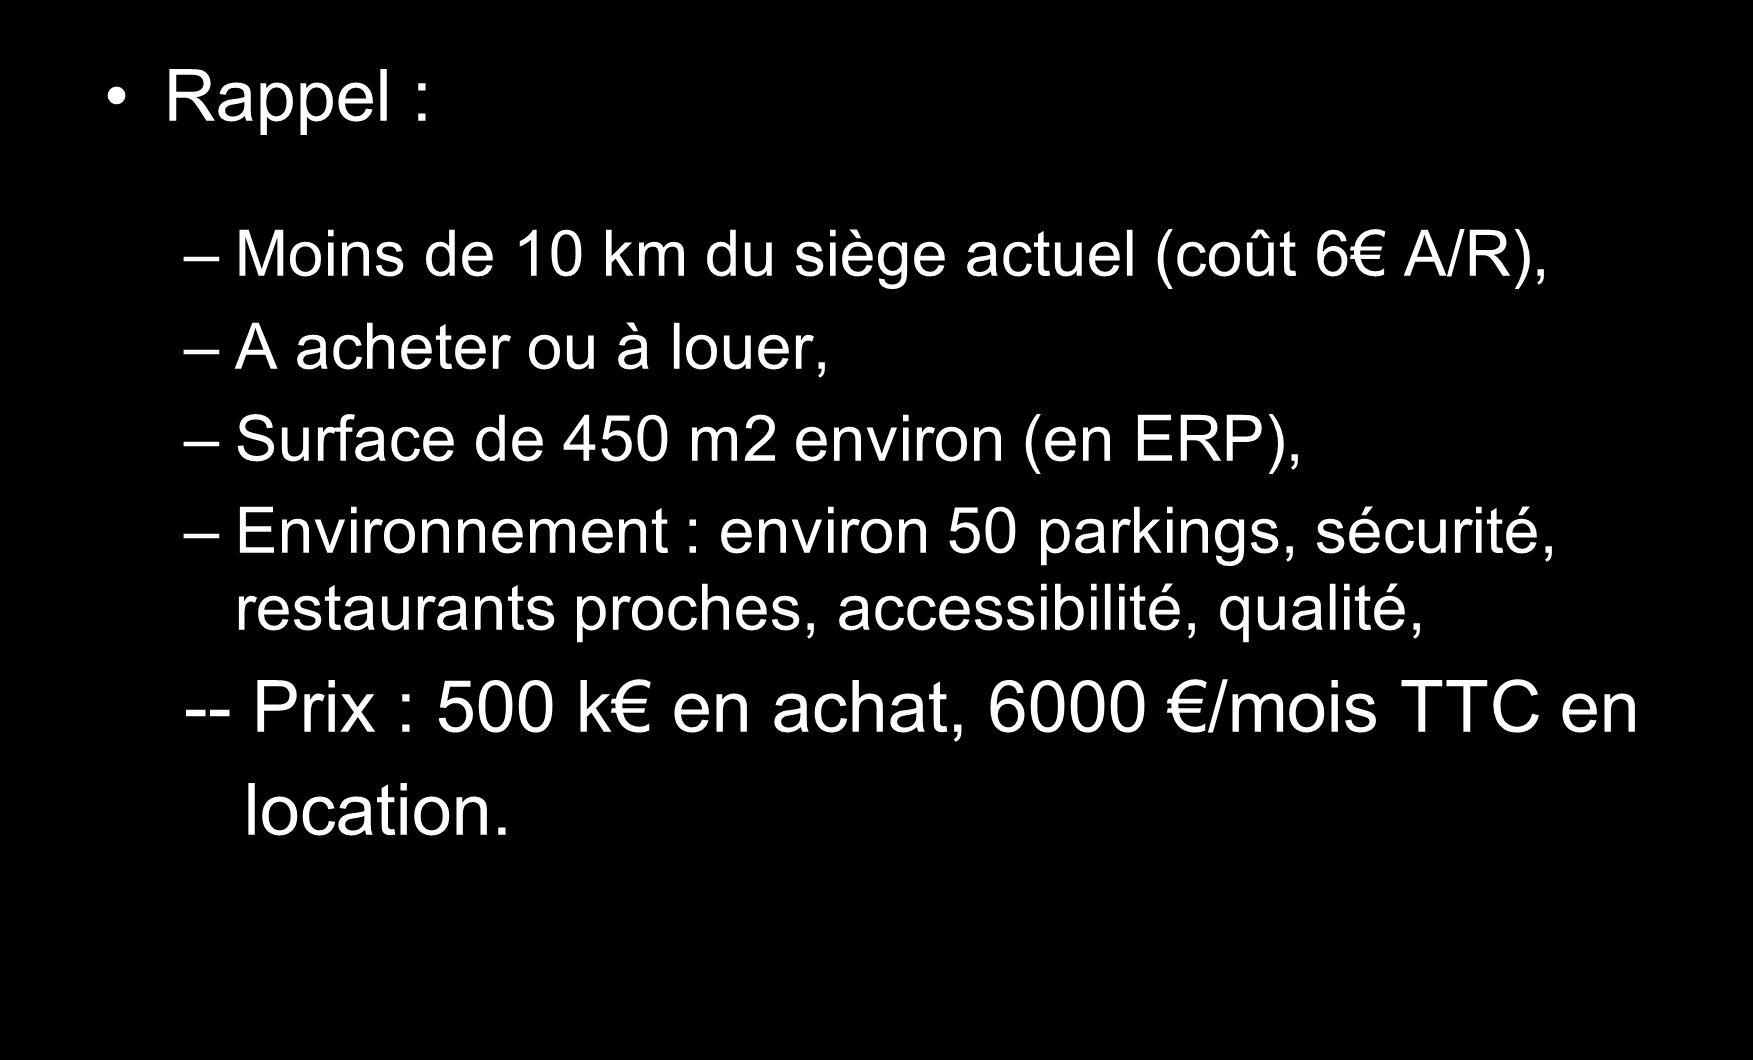 Rappel : –Moins de 10 km du siège actuel (coût 6 A/R), –A acheter ou à louer, –Surface de 450 m2 environ (en ERP), –Environnement : environ 50 parking